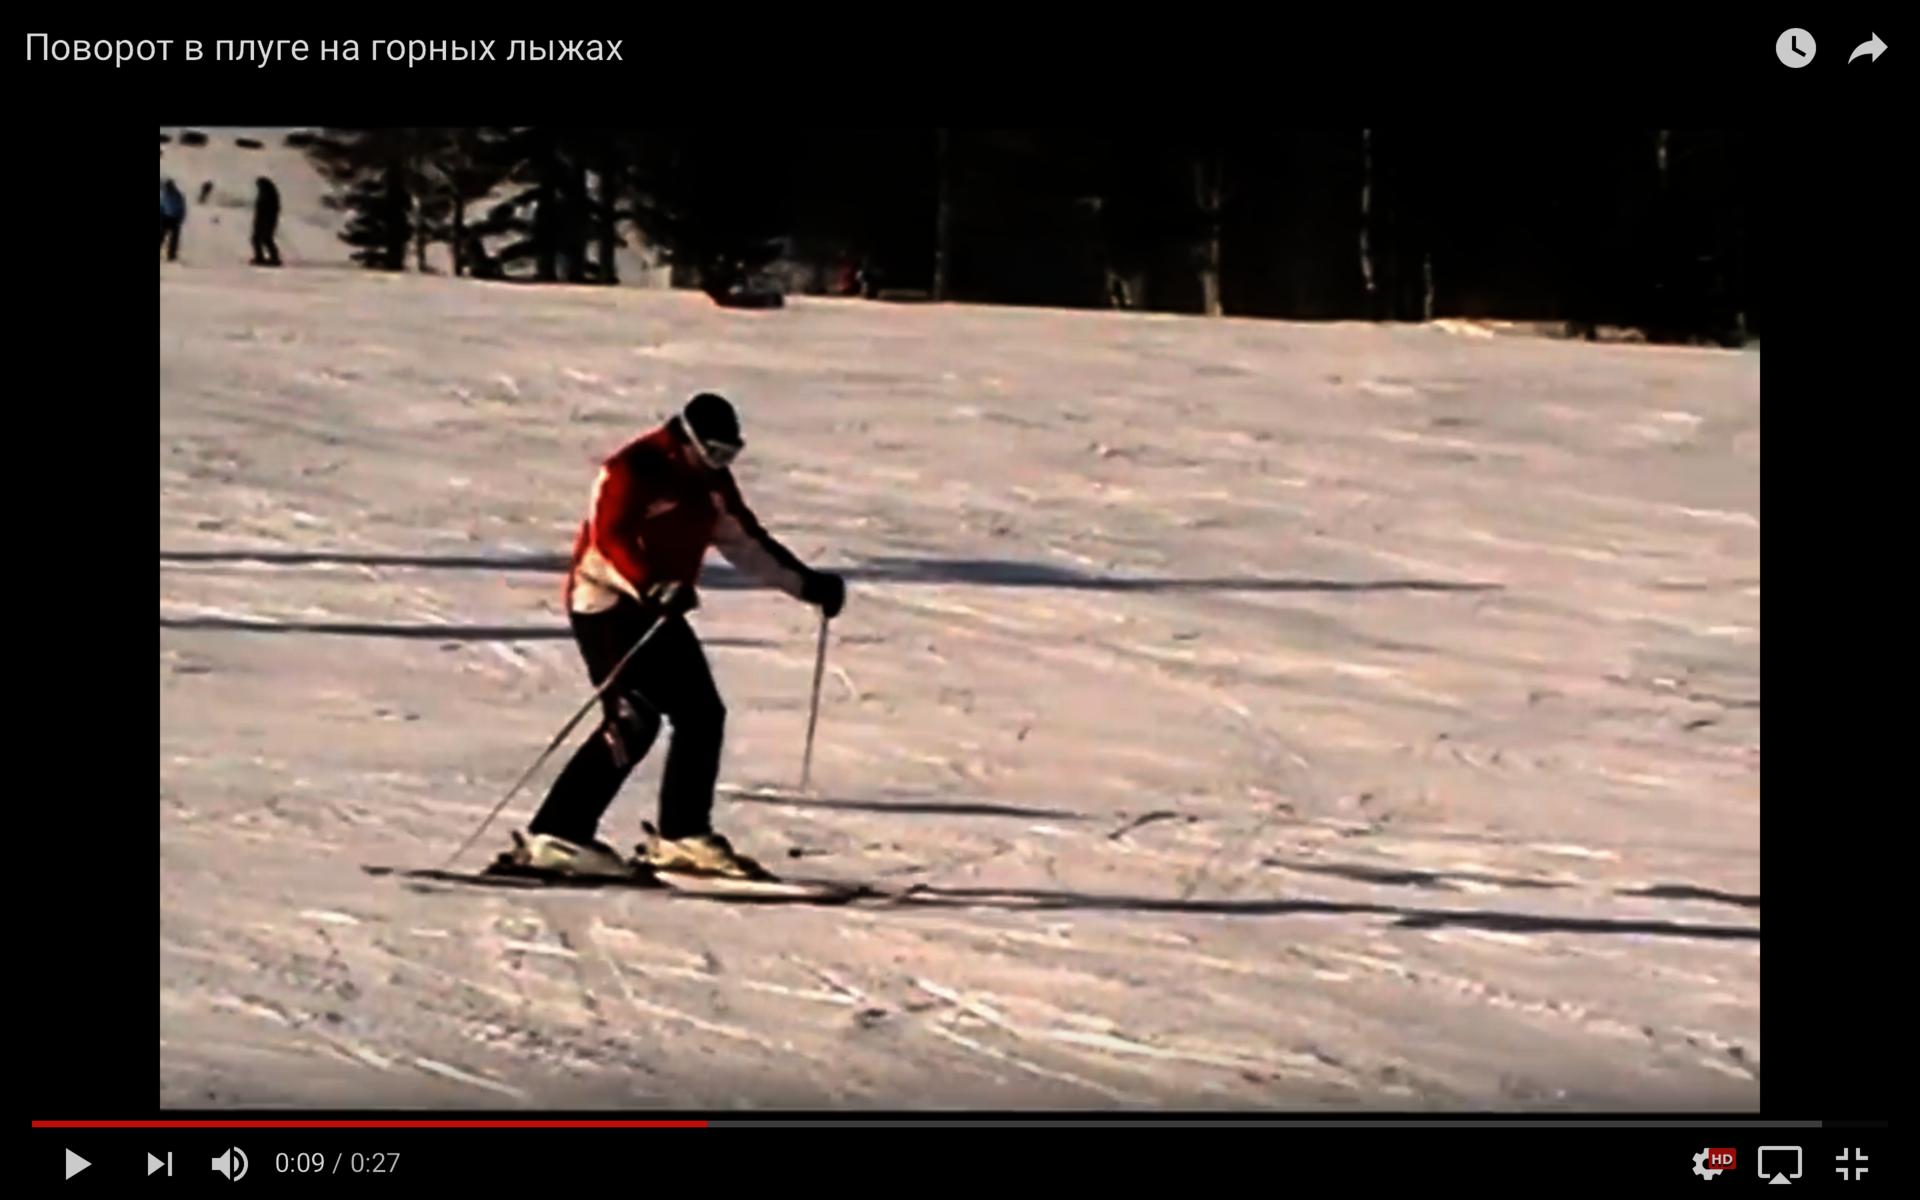 Обои спуск, Лыжи, лыжник. Спорт